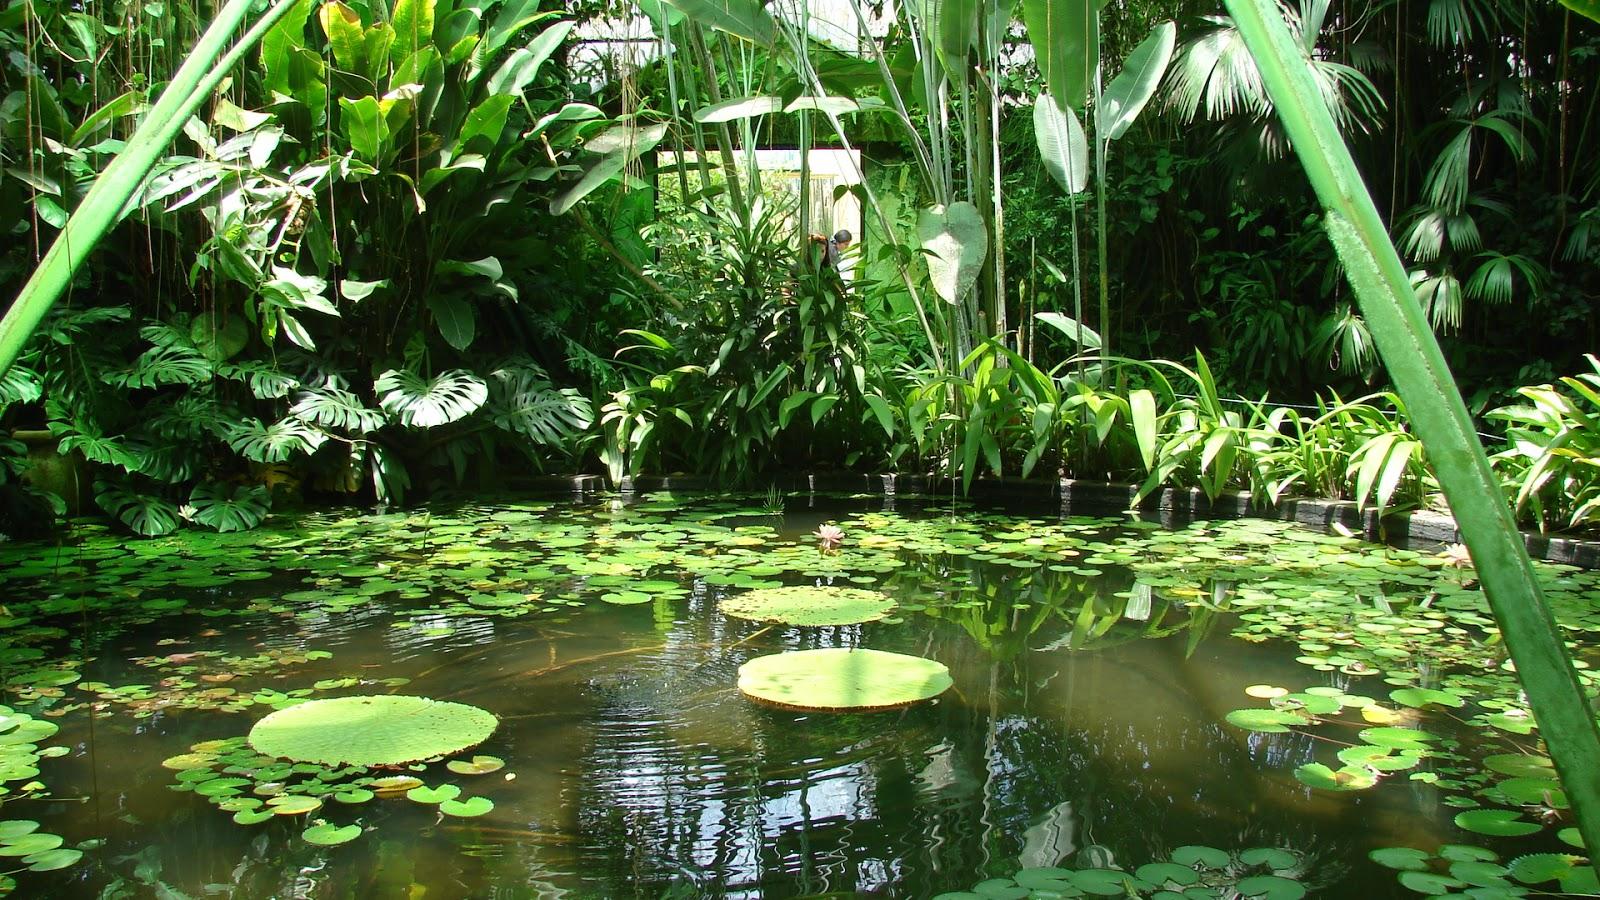 Paisajismo pueblos y jardines el jard n bot nico jos for Jardin botanico en sevilla